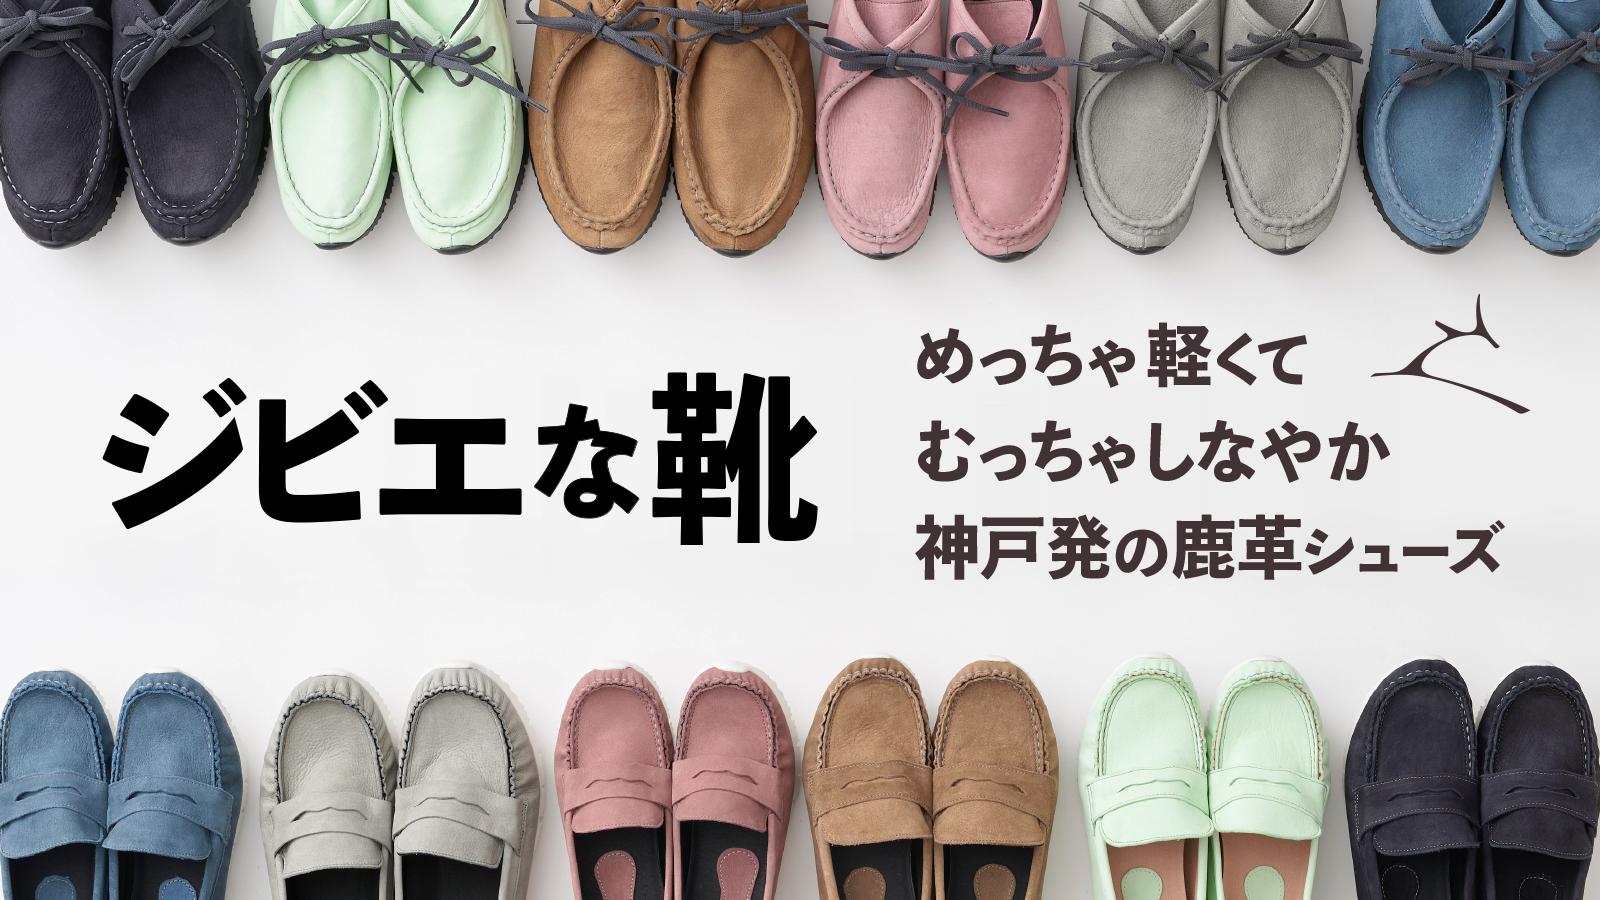 《NEW ITEM》ジビエ鹿革ENISICAの「軽やかすぎる神戸靴」がクラウドファンディングを開催!